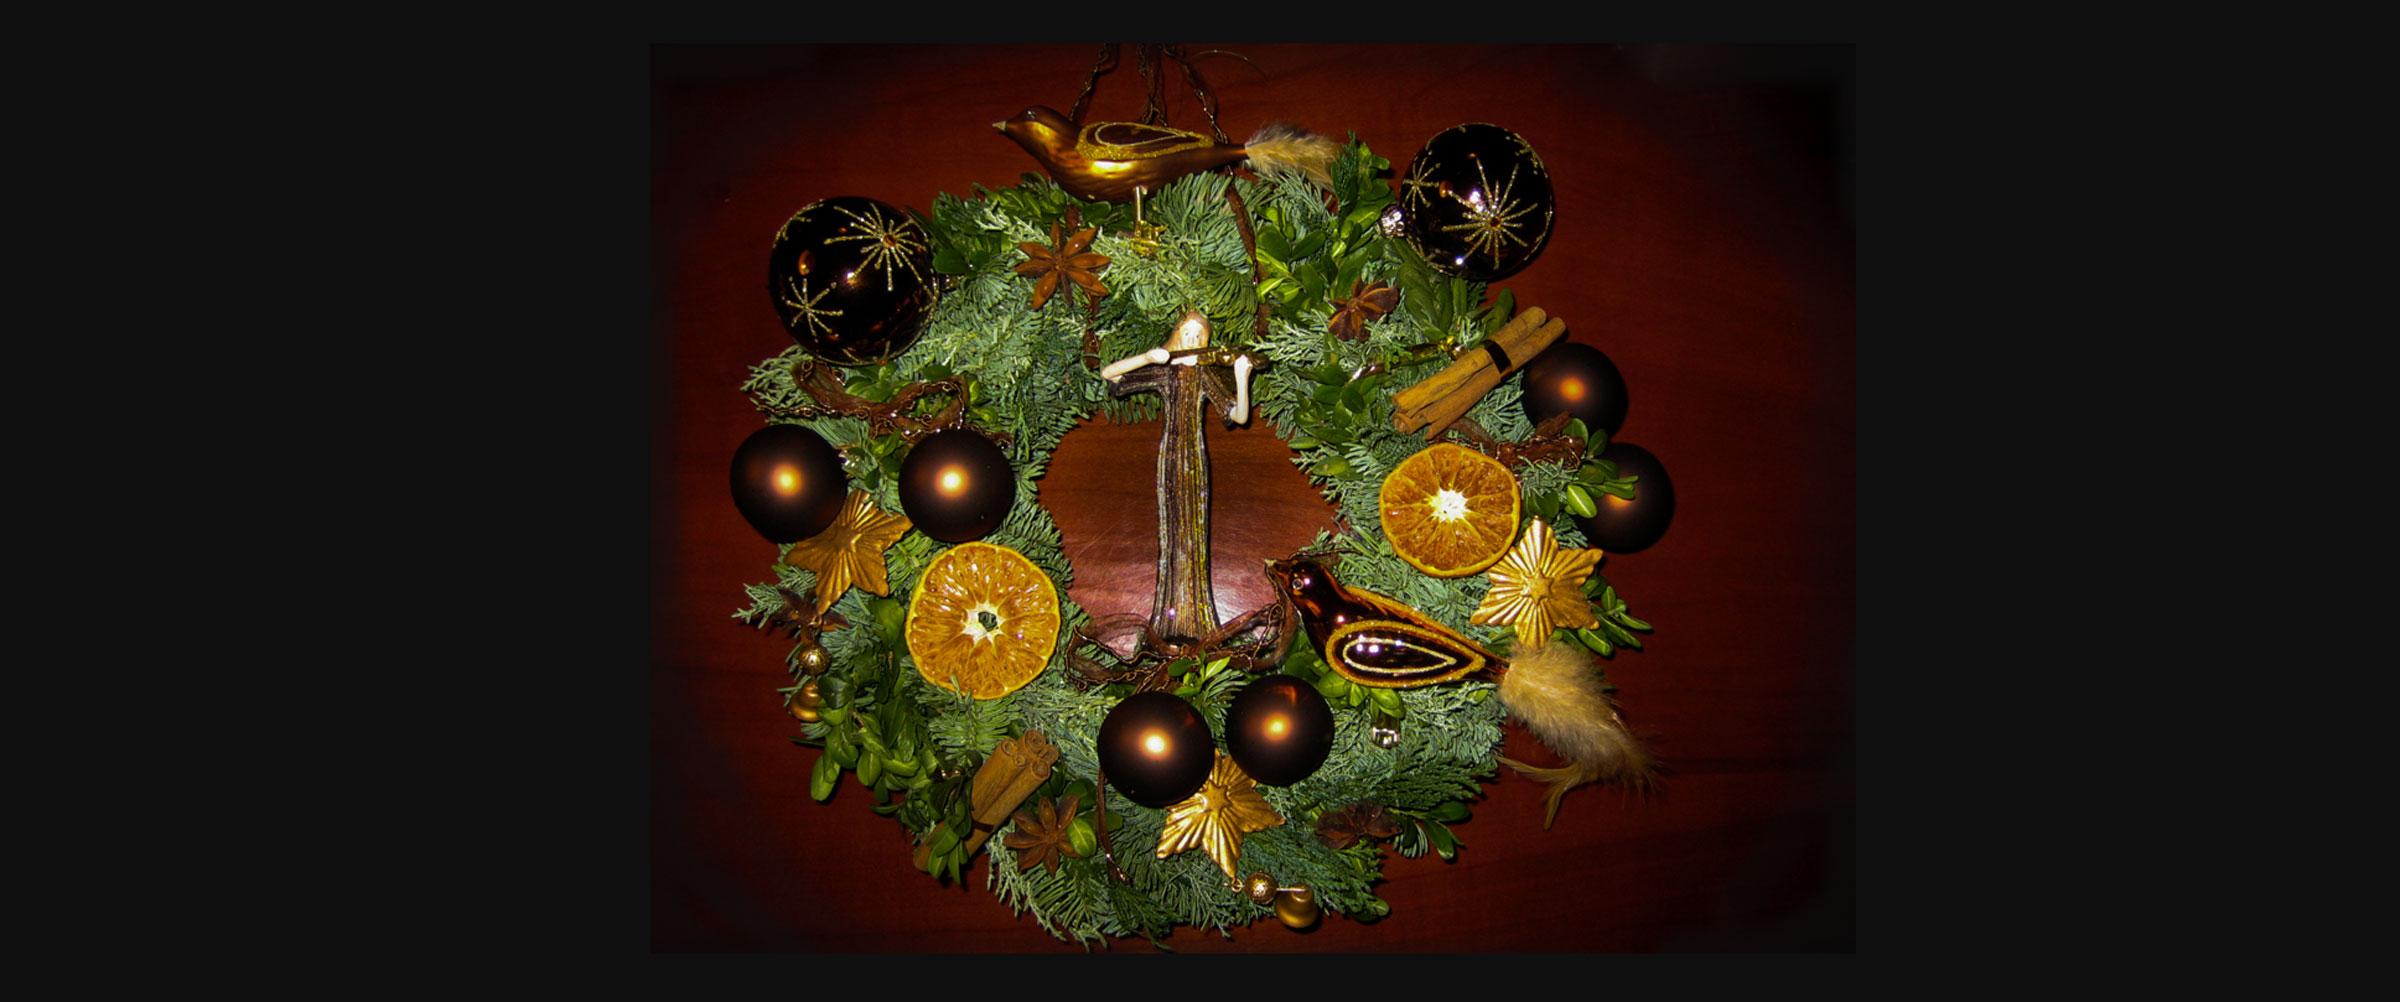 weihnachtsgeschichte-advent